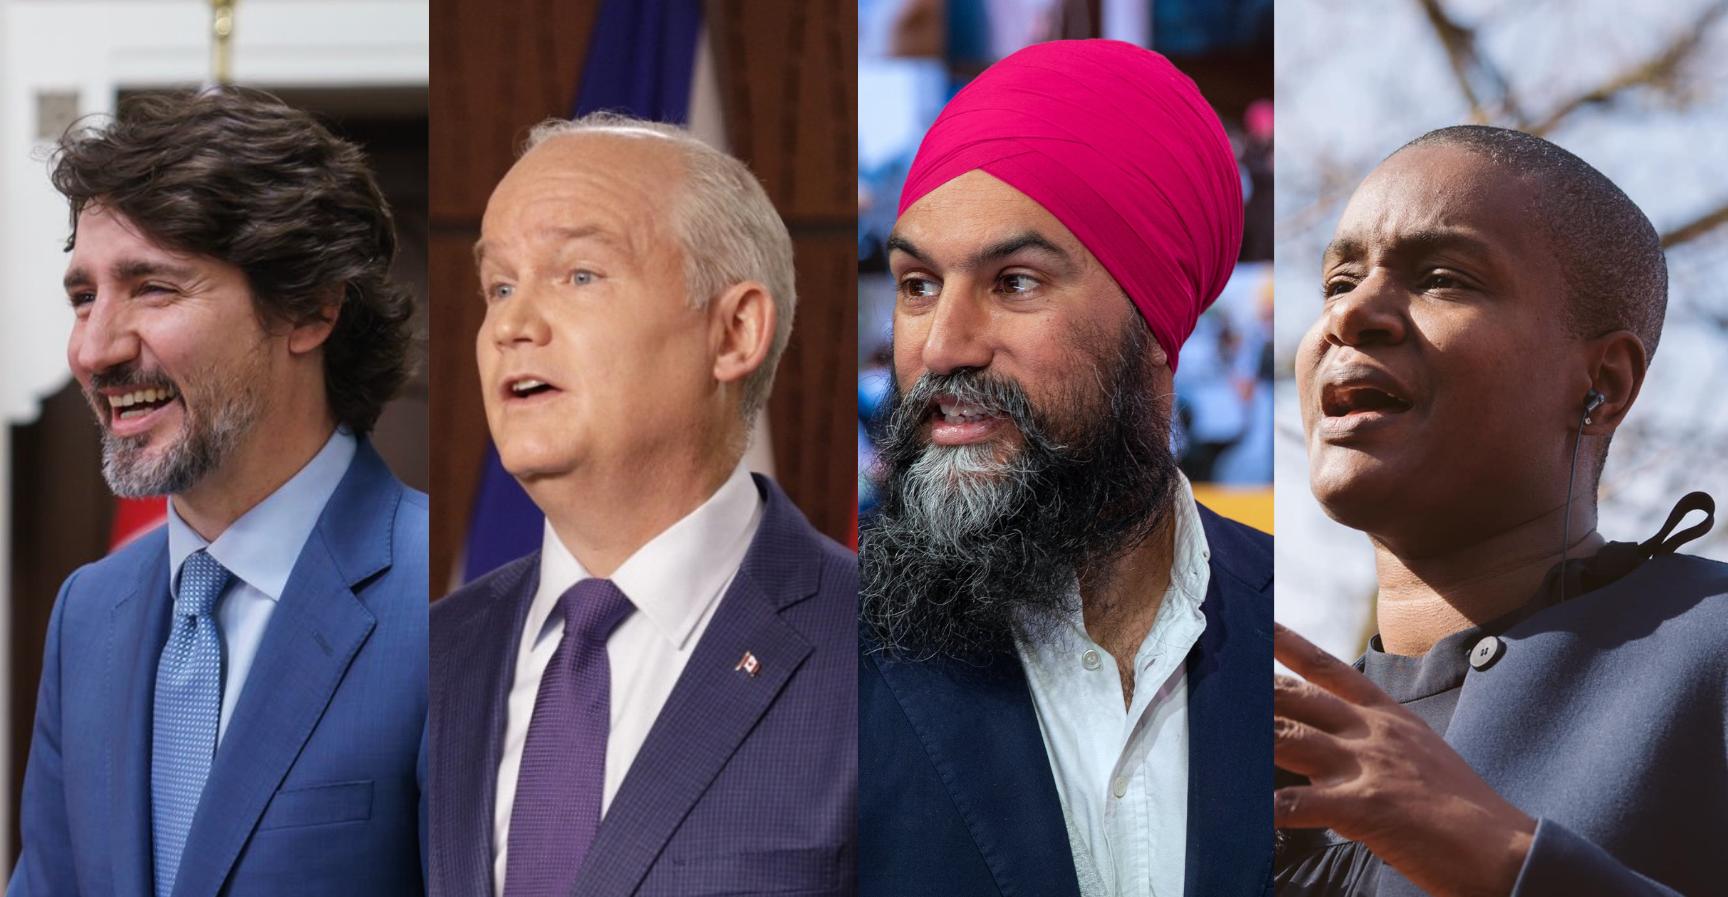 Si grumbullohen planet klimatike të katër partive kryesore federale